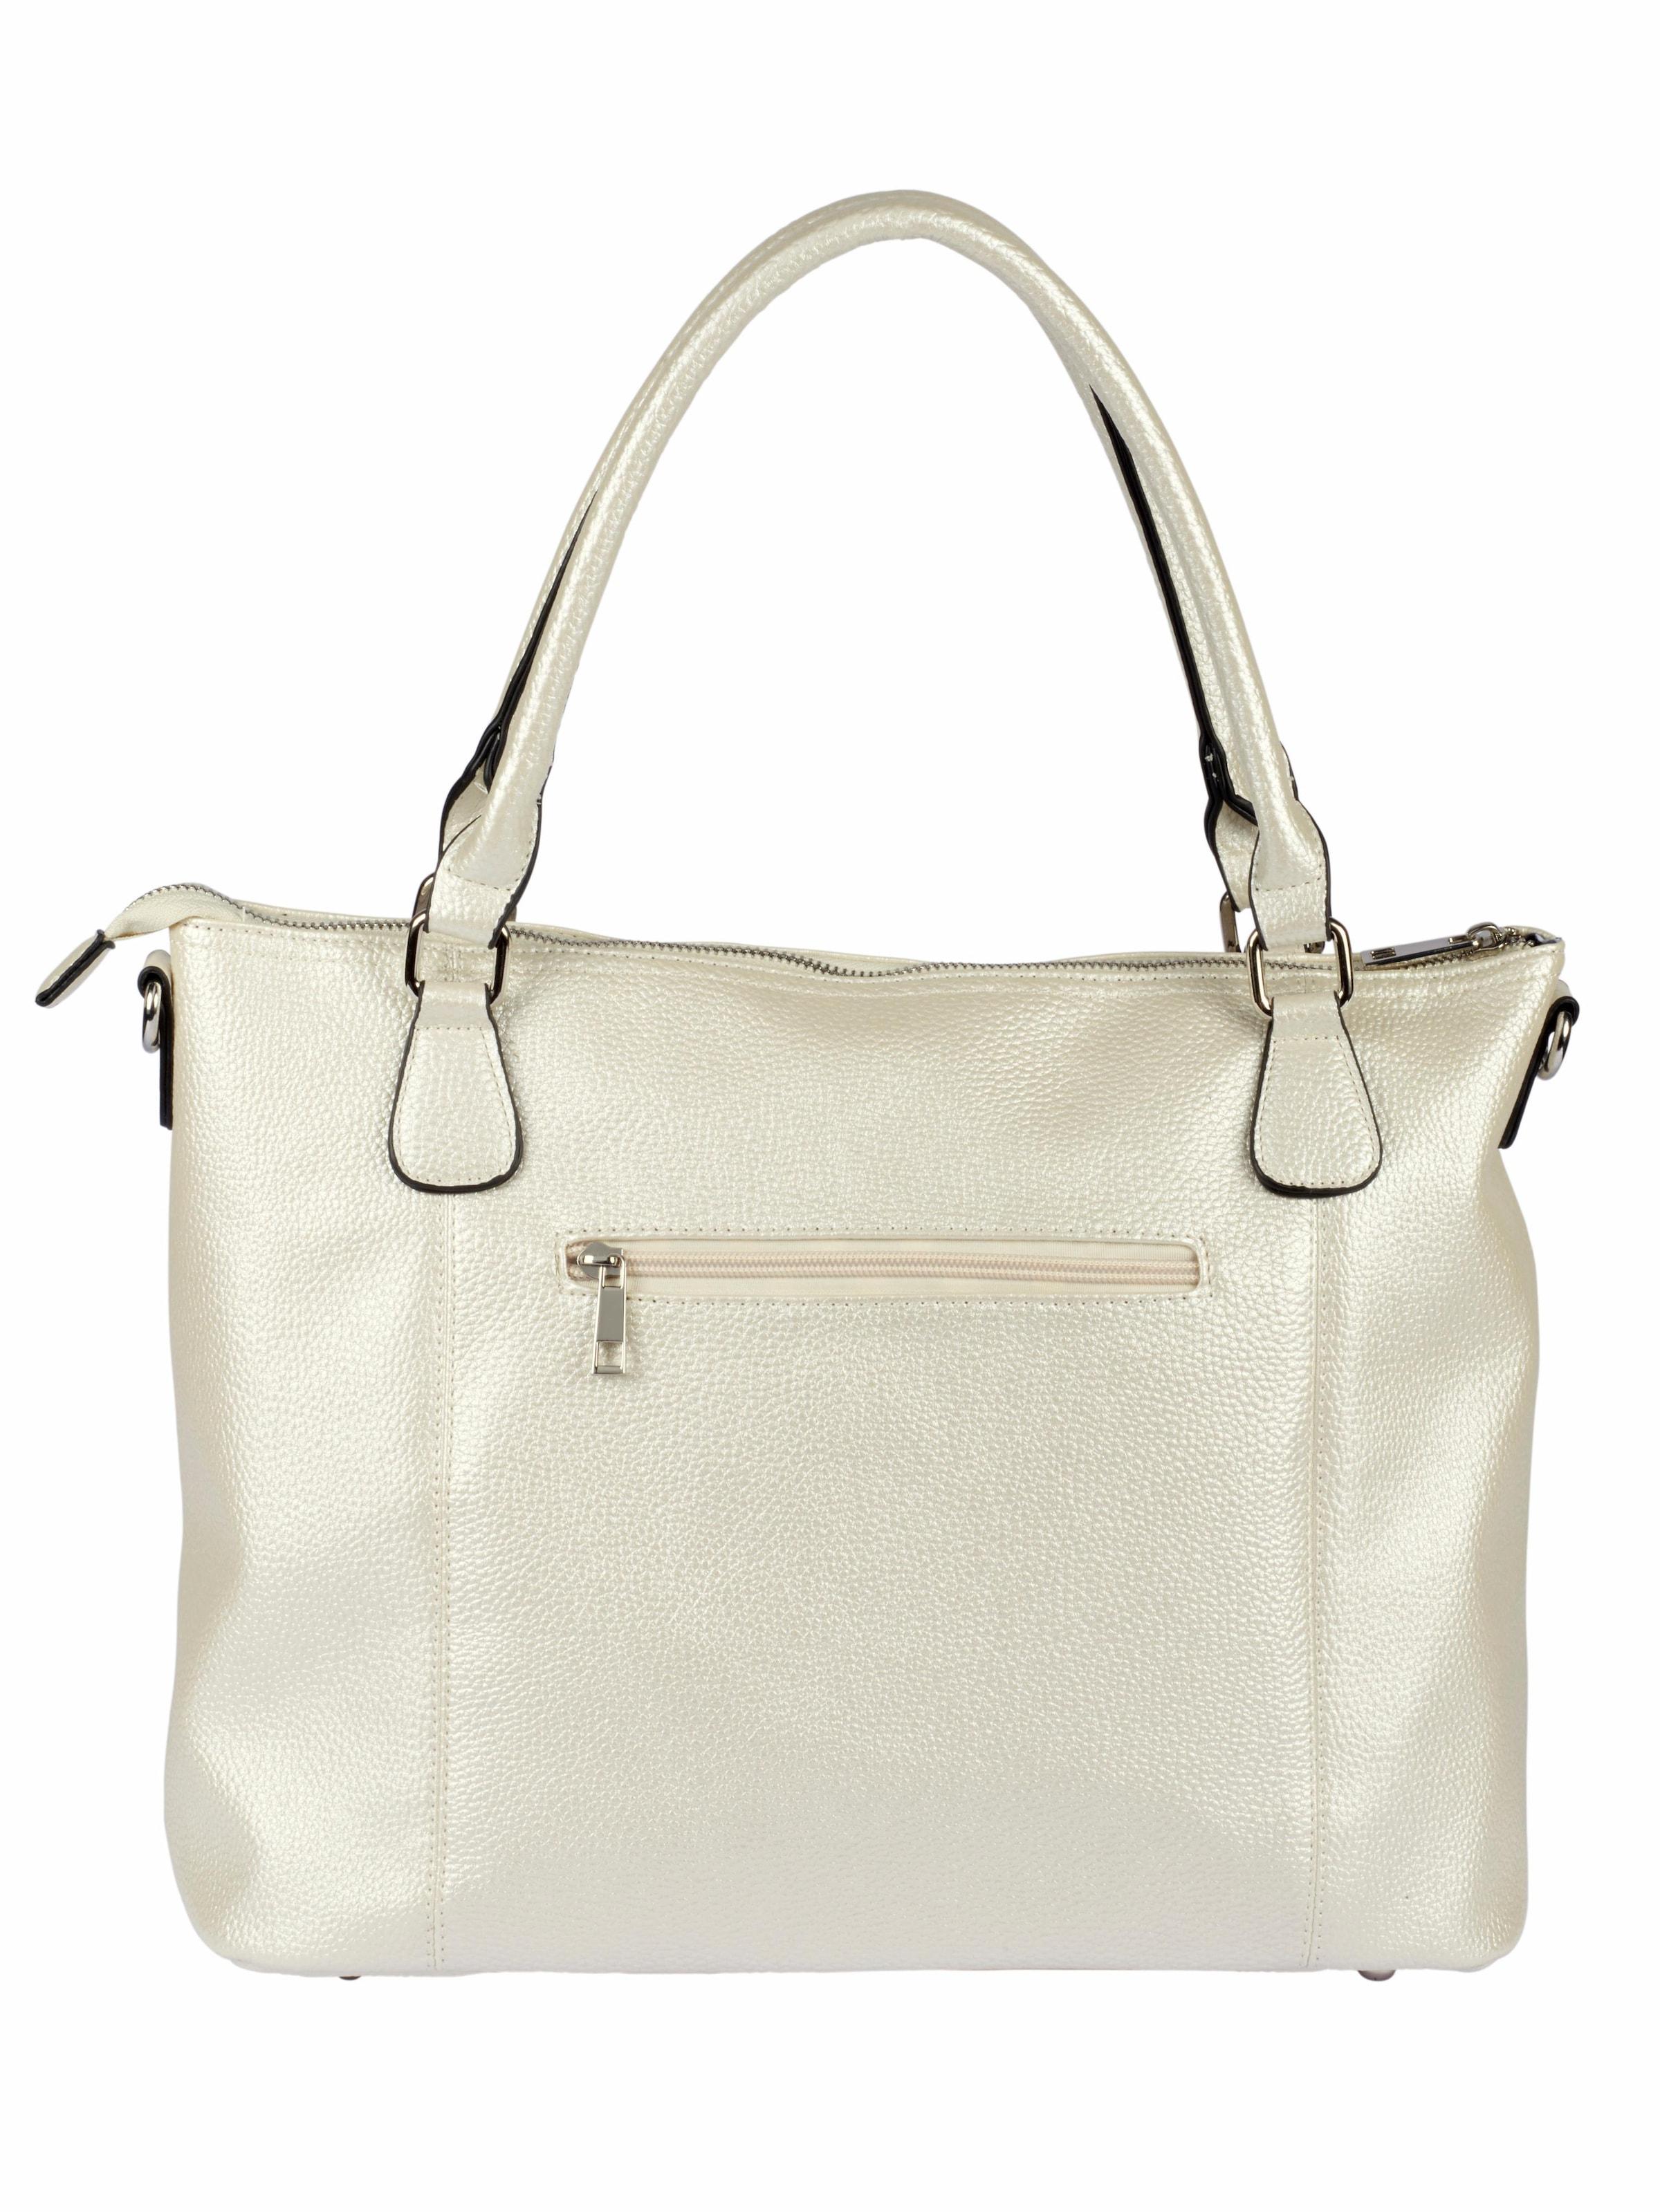 Bekommen Günstig Kaufen Footlocker COLLEZIONE ALESSANDRO Tasche mit Metallic-Effekt Frei Für Verkauf Günstig Kaufen Offiziellen Freies Verschiffen Zuverlässig DqJeY